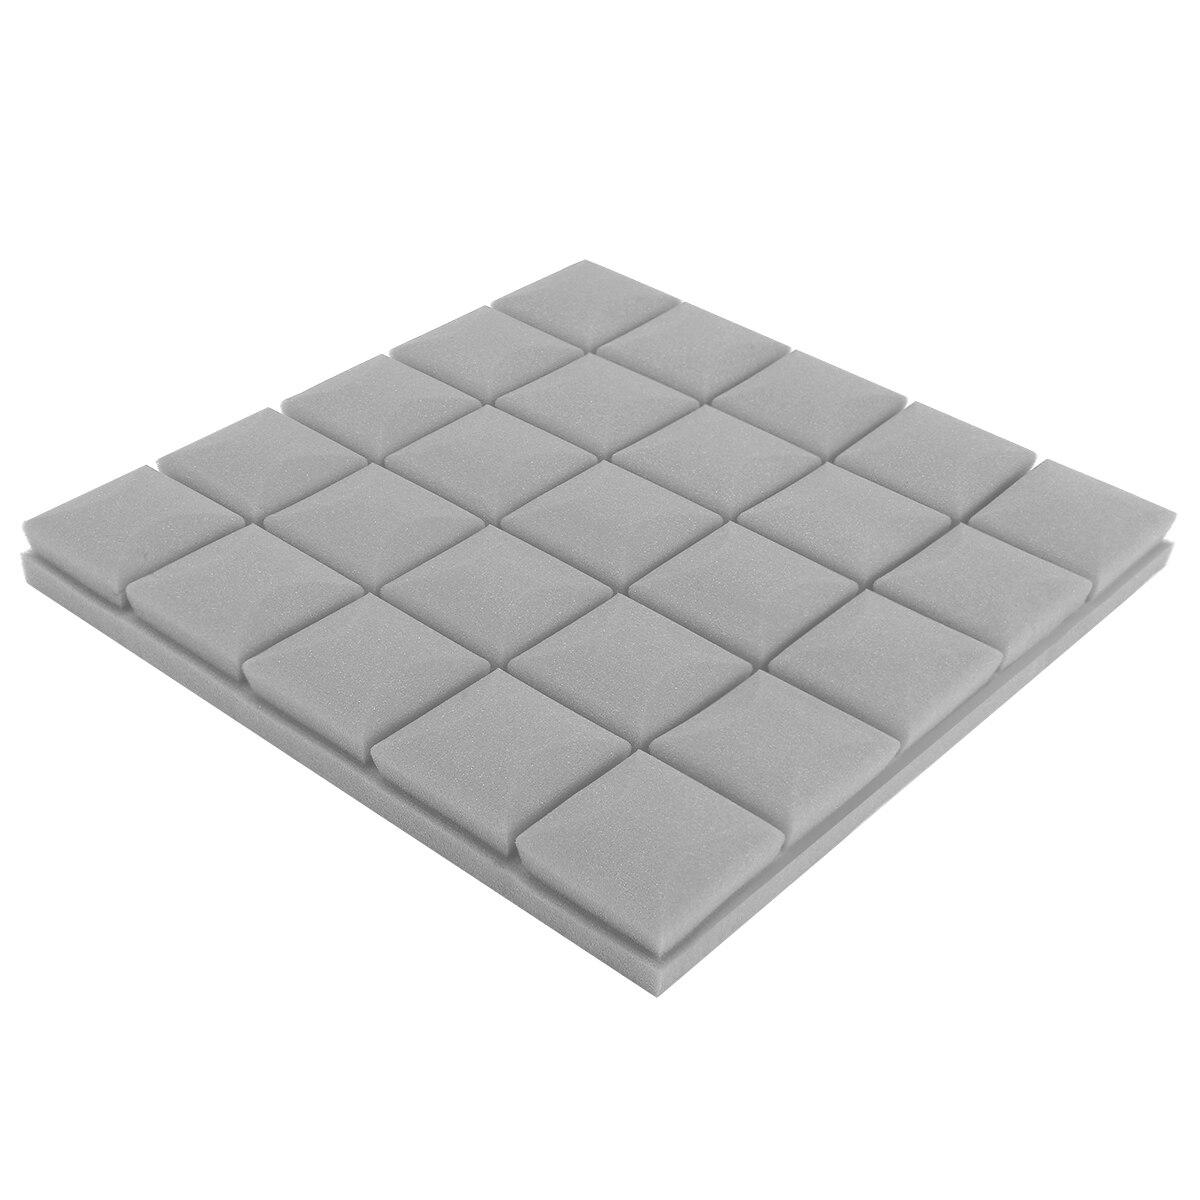 4pcs/set 30x30x5cm Soundproof Foam Egg Profile Sound Absorbent Foam Acoustic Panel Noise Absorption File for KTV Audio Room